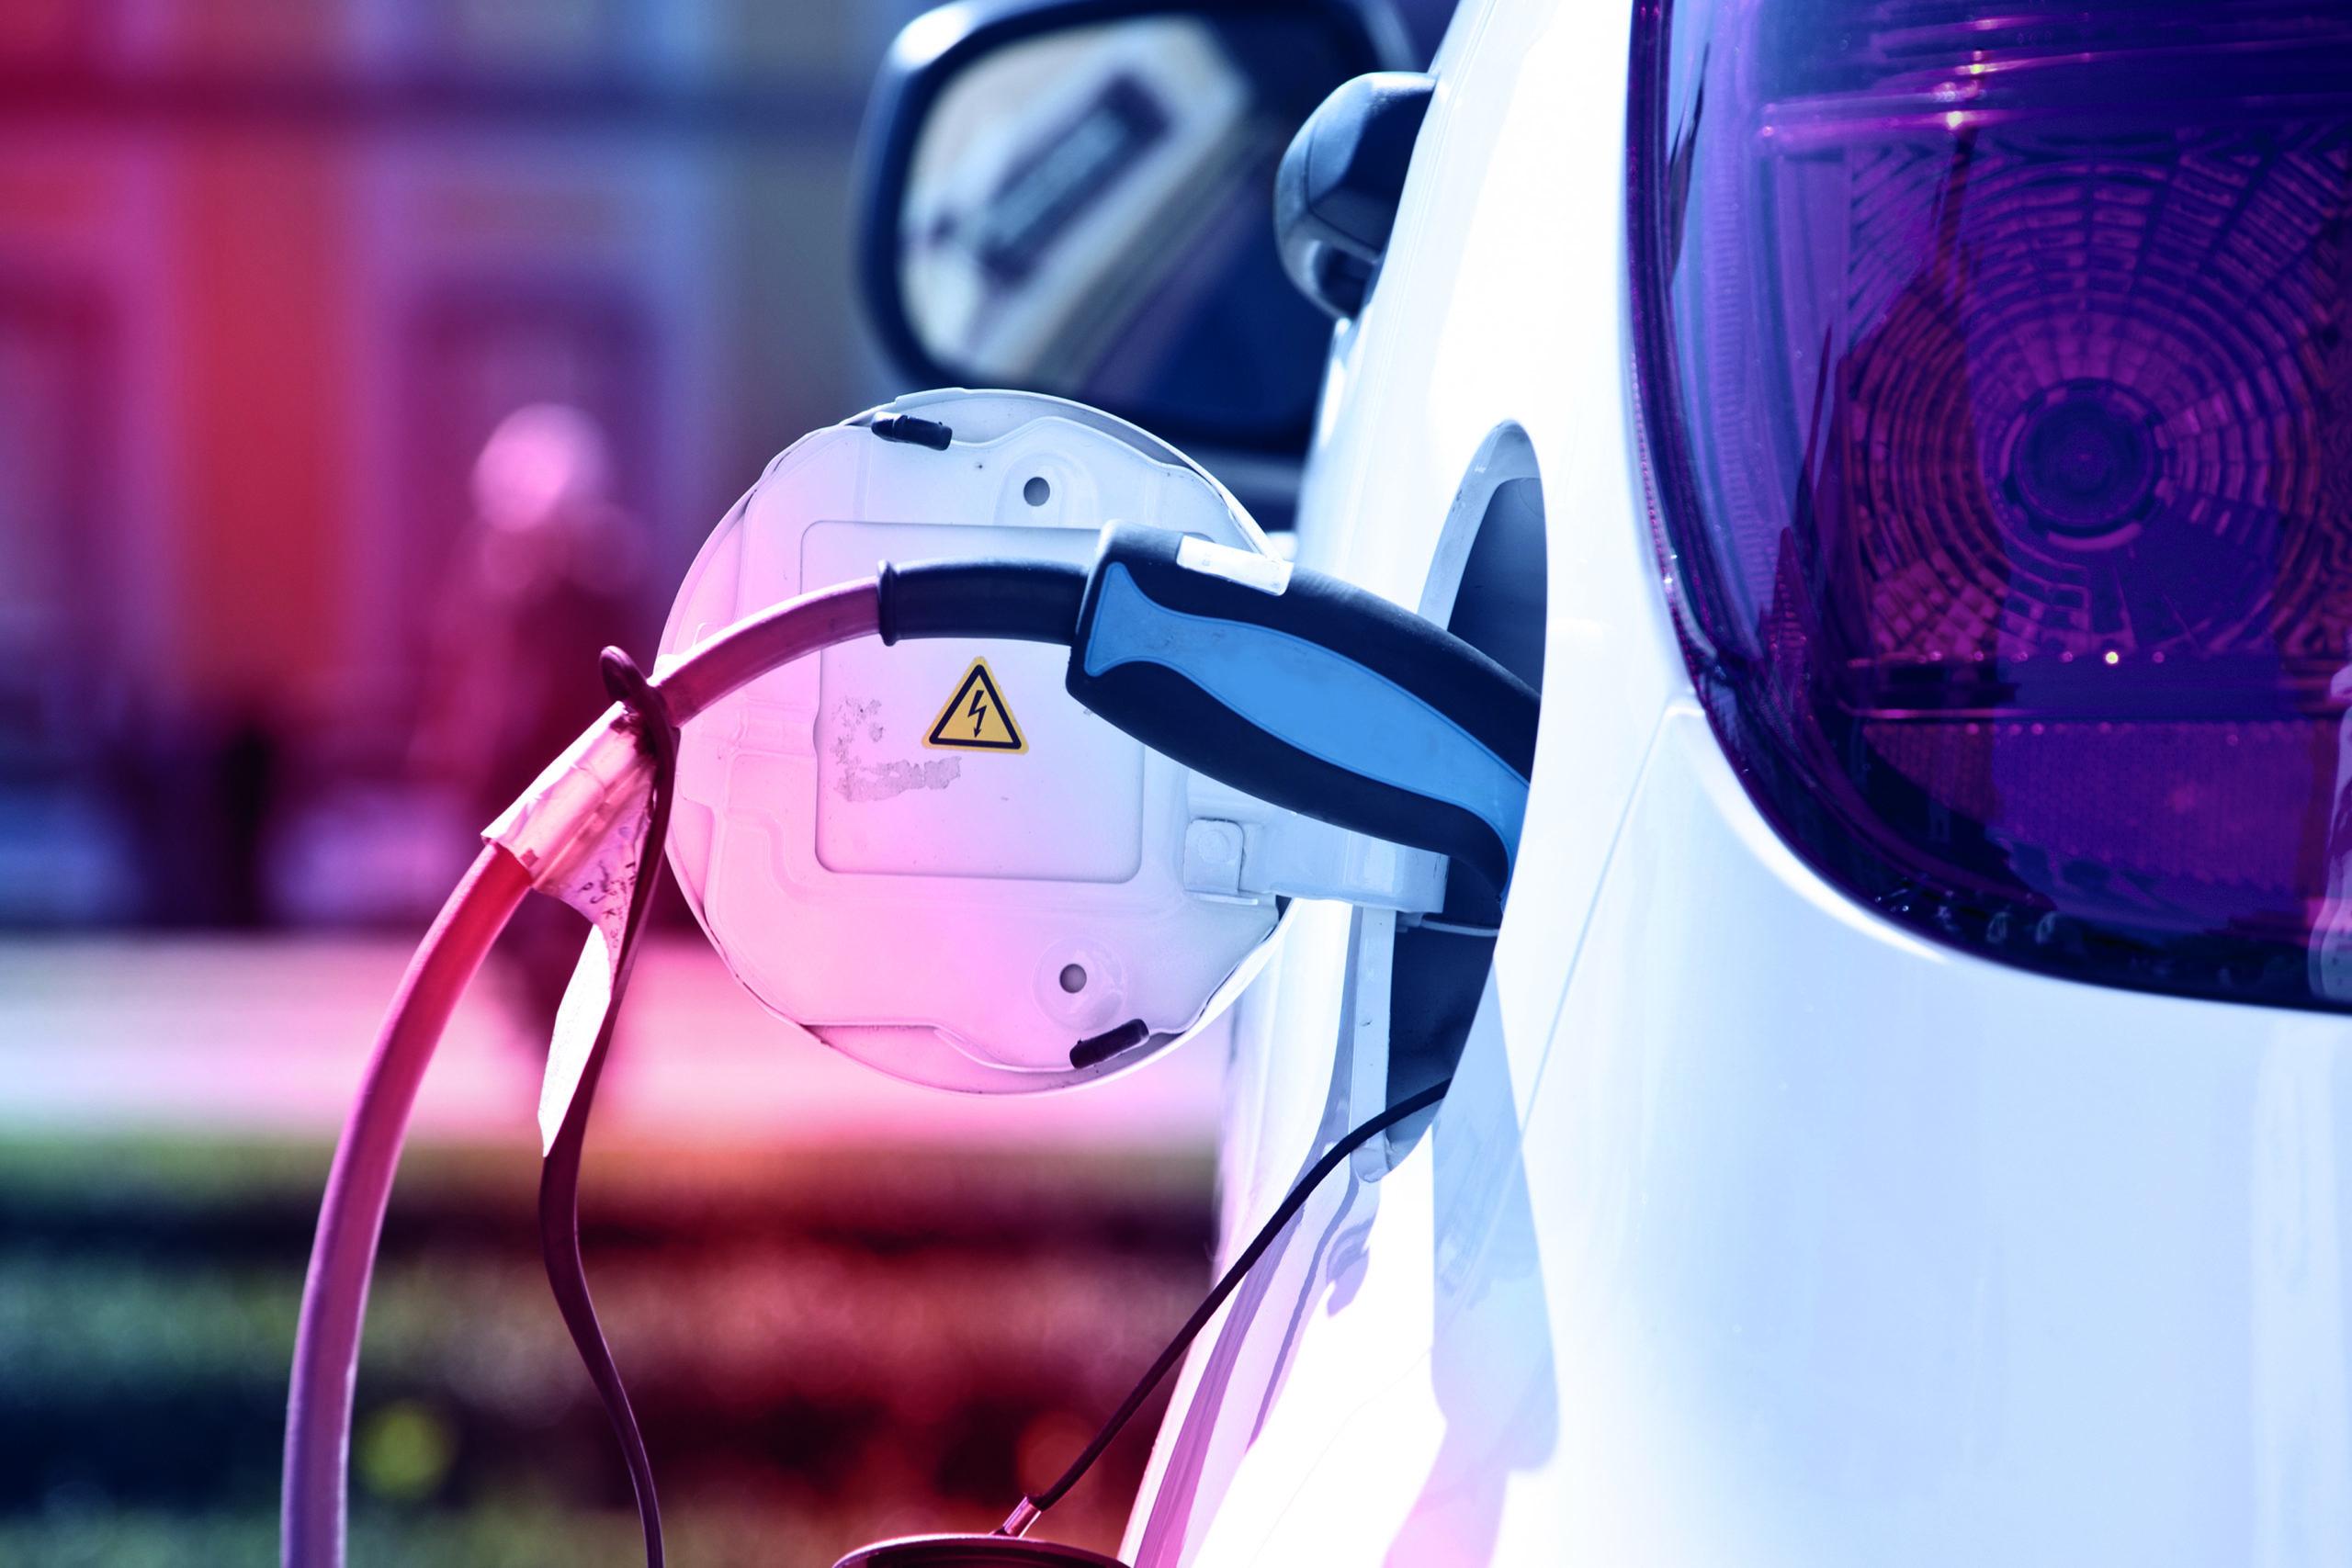 Elektroauto wird getankt